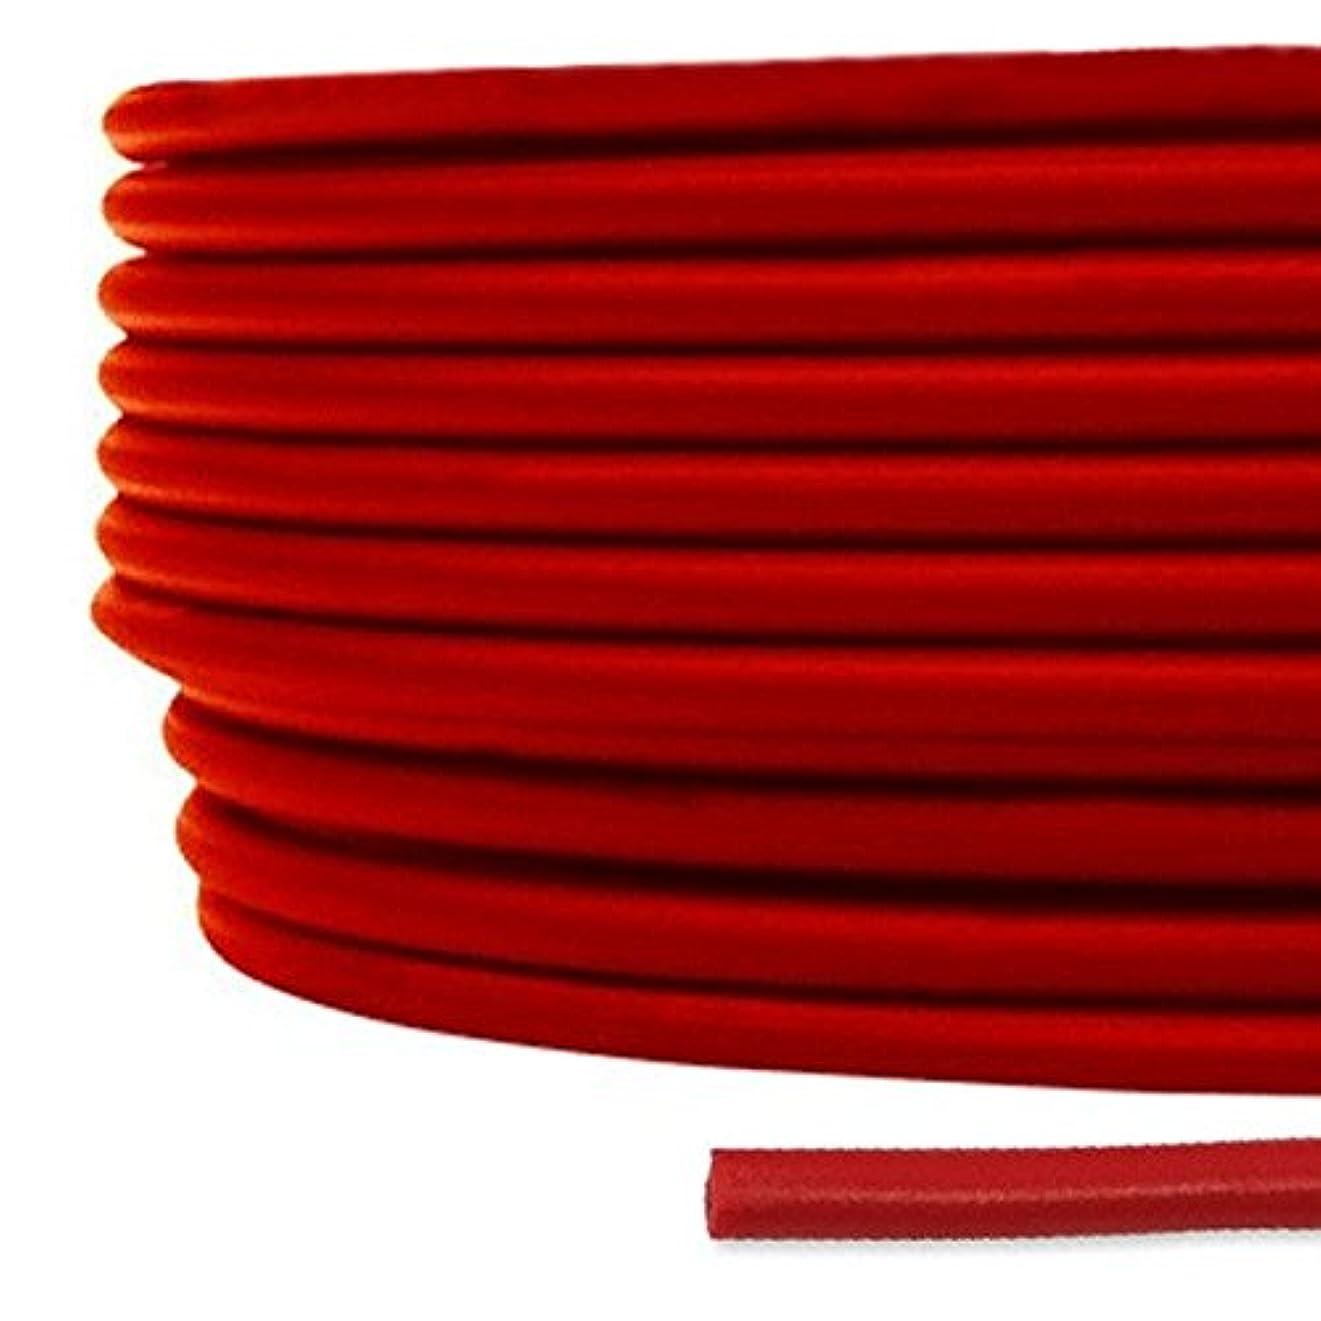 ご覧くださいミュートグリルフジクラ KIV 2sq 赤 200m一巻 600V耐圧 電気機器内配線用ビニル絶縁電線 SD